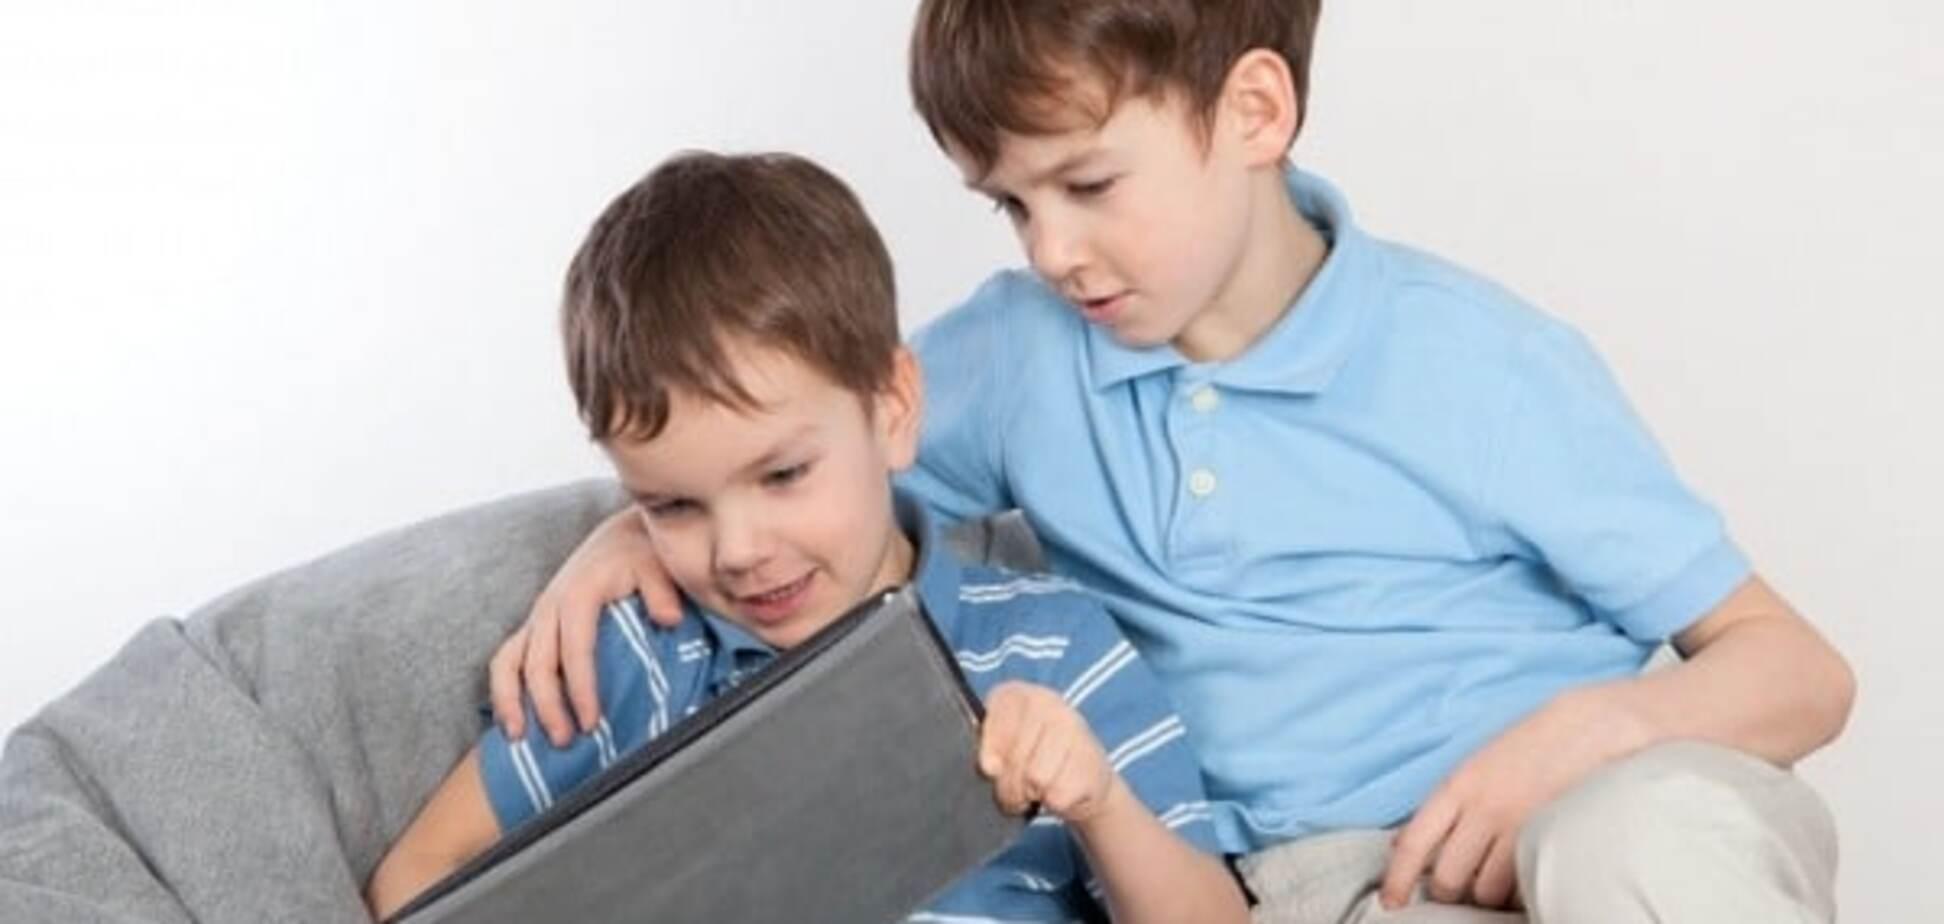 Большая разница в возрасте: возможно ли подружить детей?